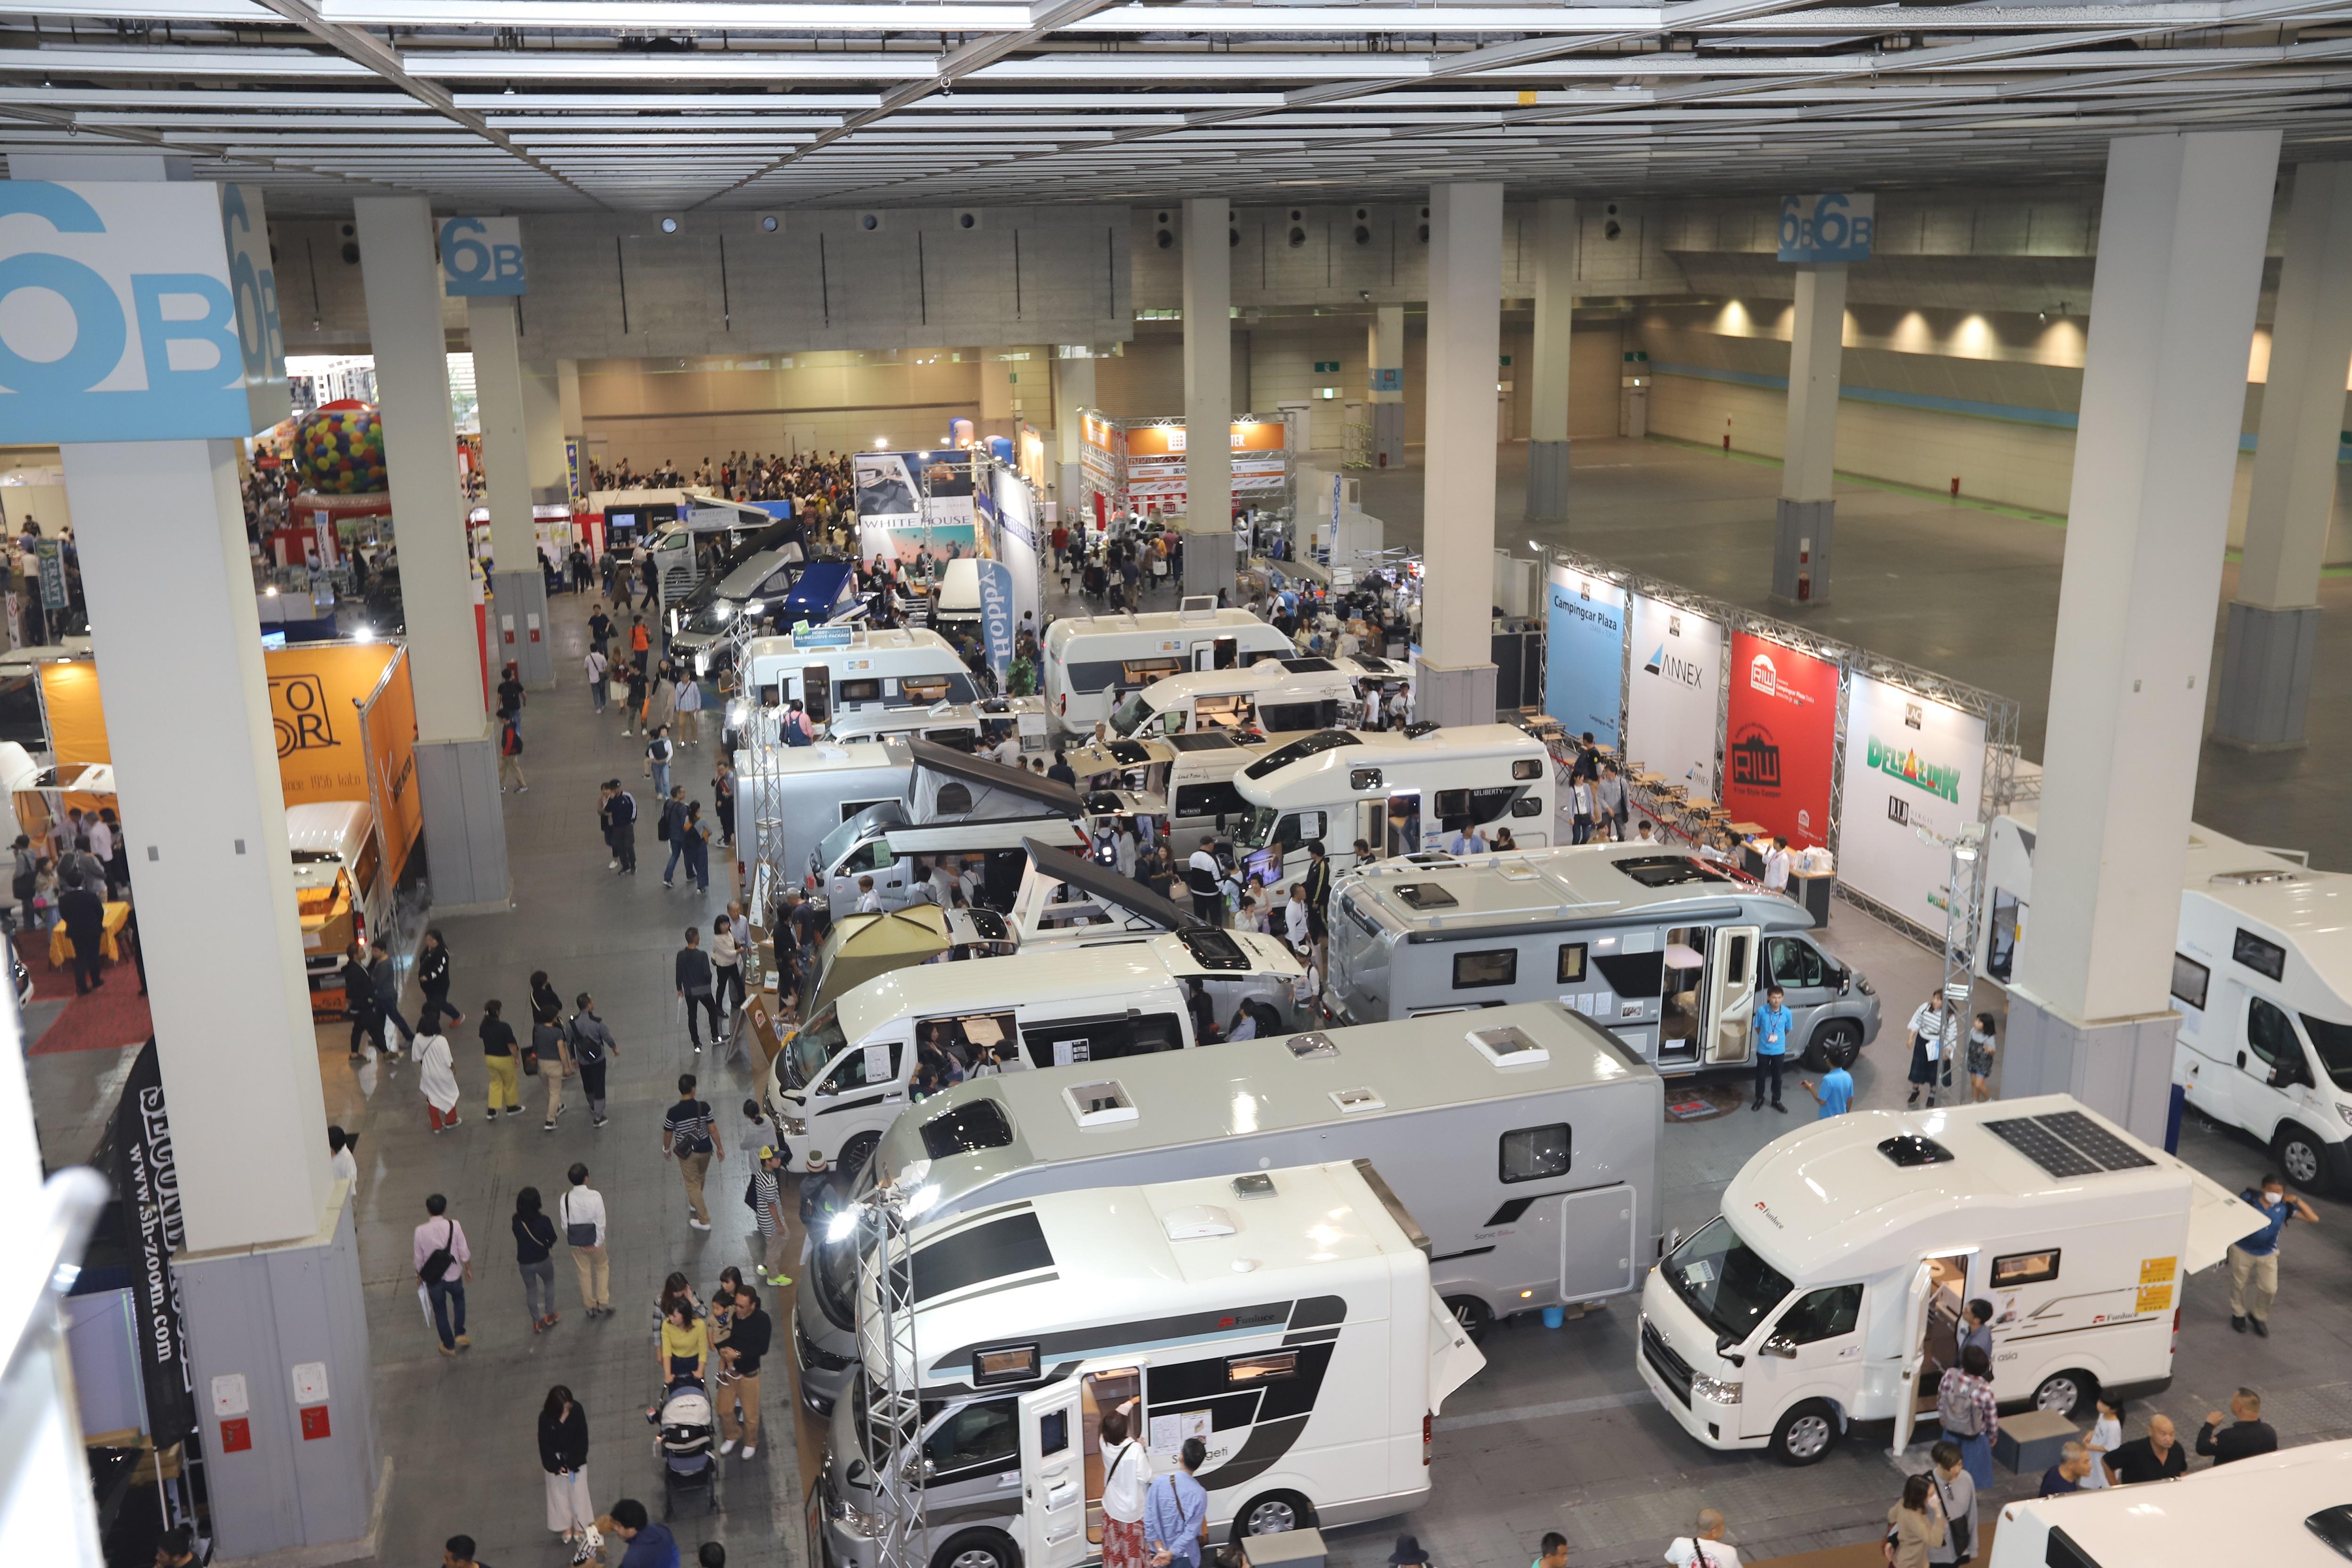 9月25、26日「大阪キャンピングカーフェア 2021」開催 インテックス大阪に約150台集結 画像1